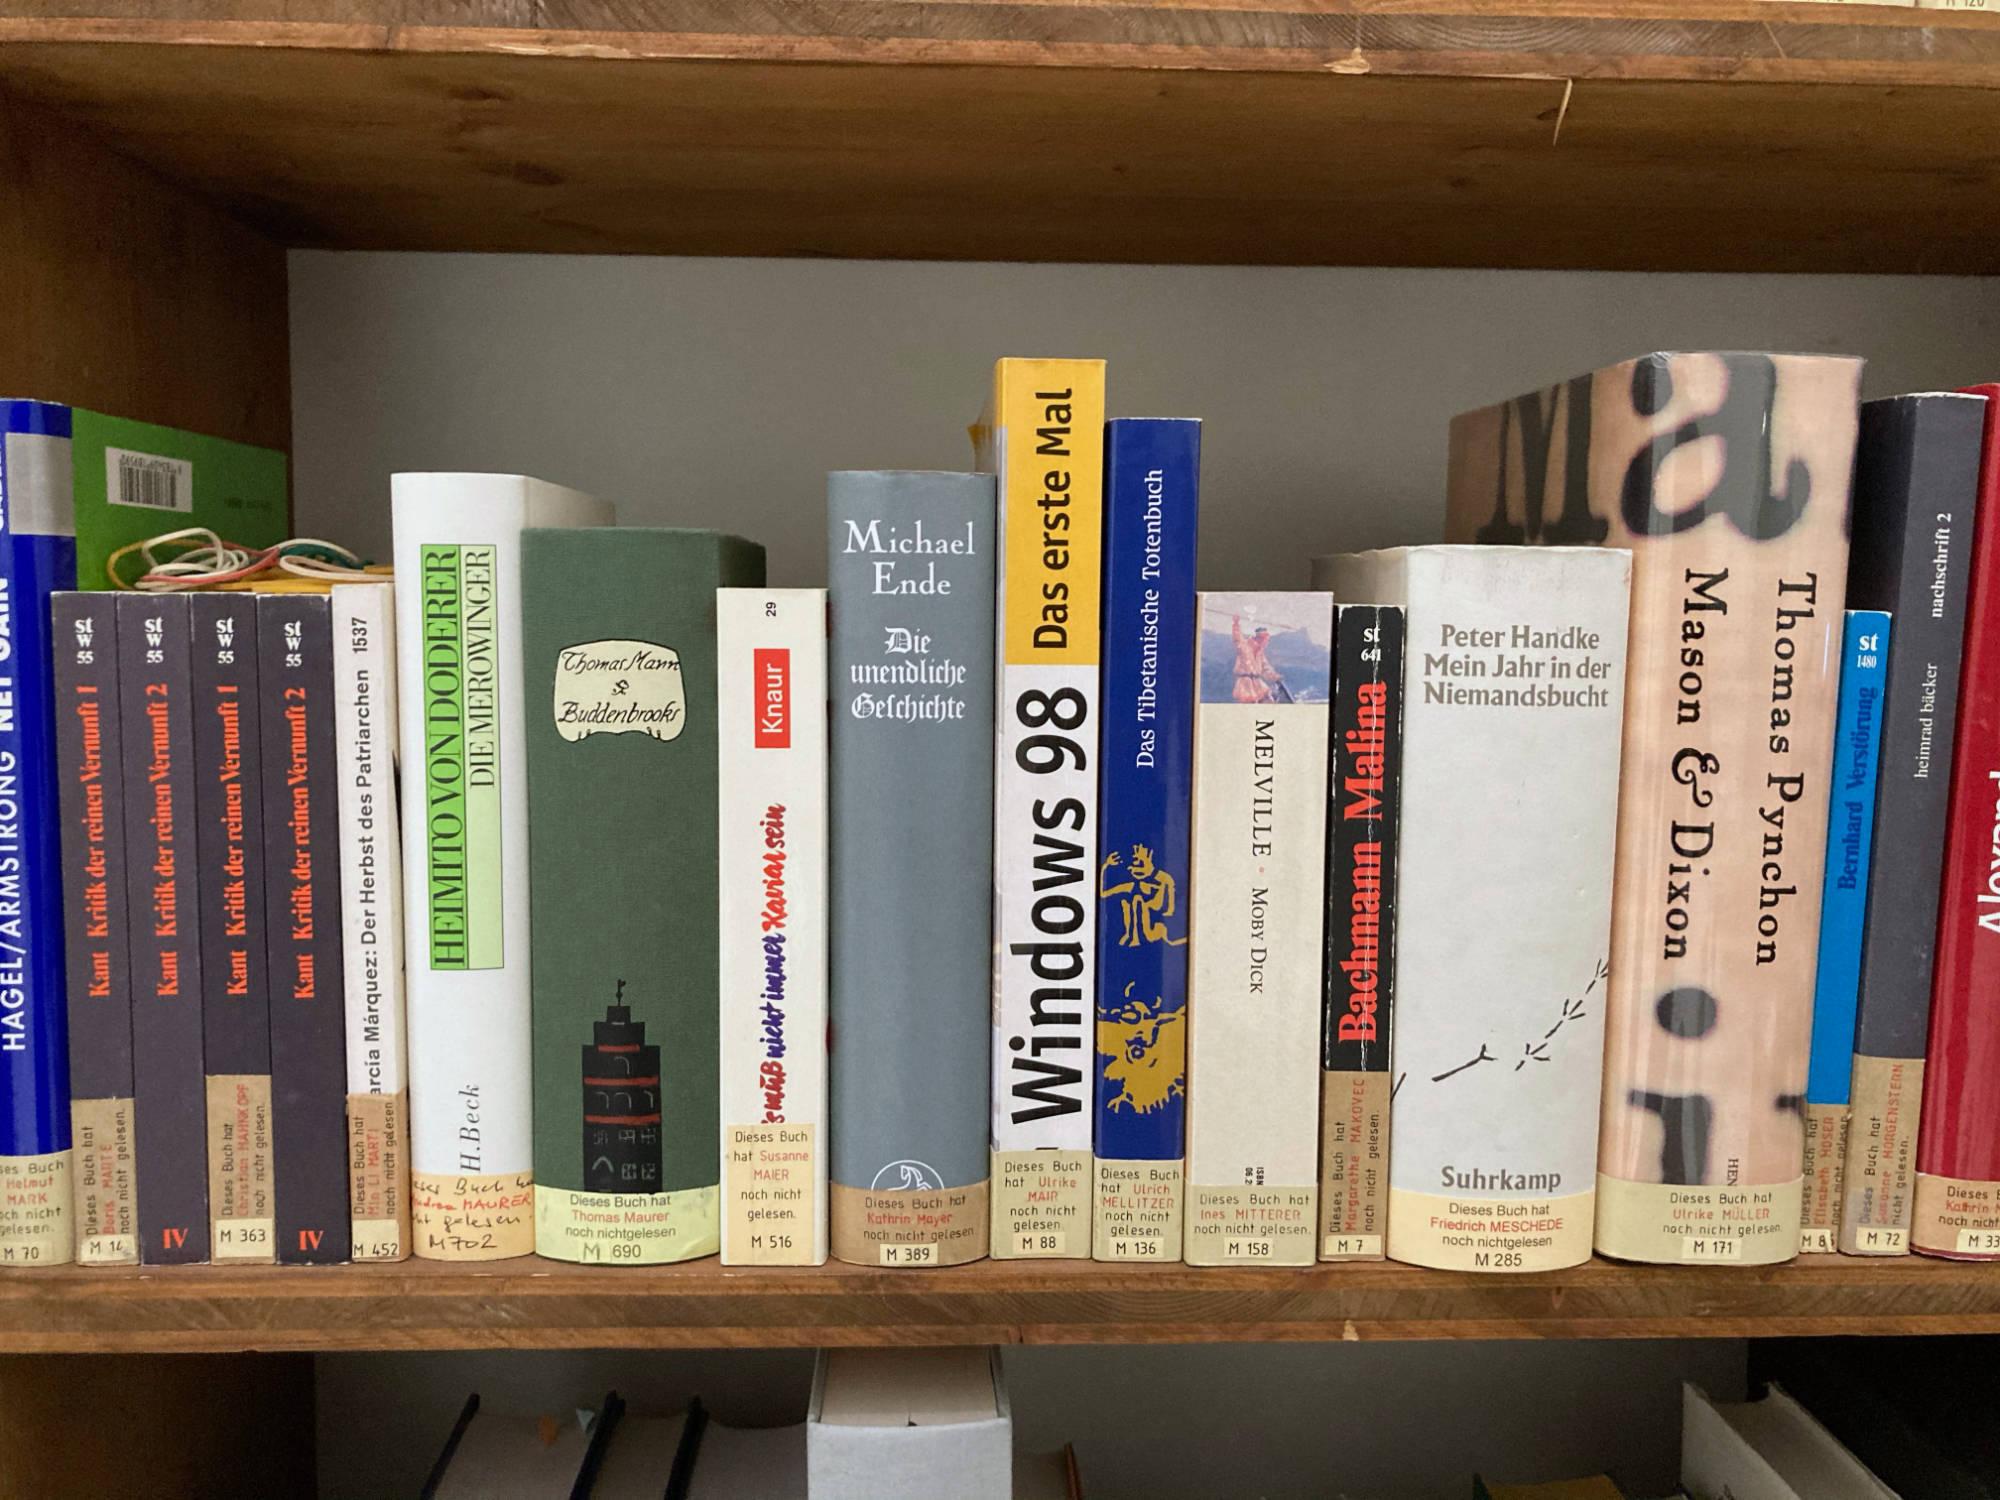 Die Bandbreite der ungelesenen Bücher reicht von Kant, Thomas Mann, Windows Handbuch bis zu Peter Handke